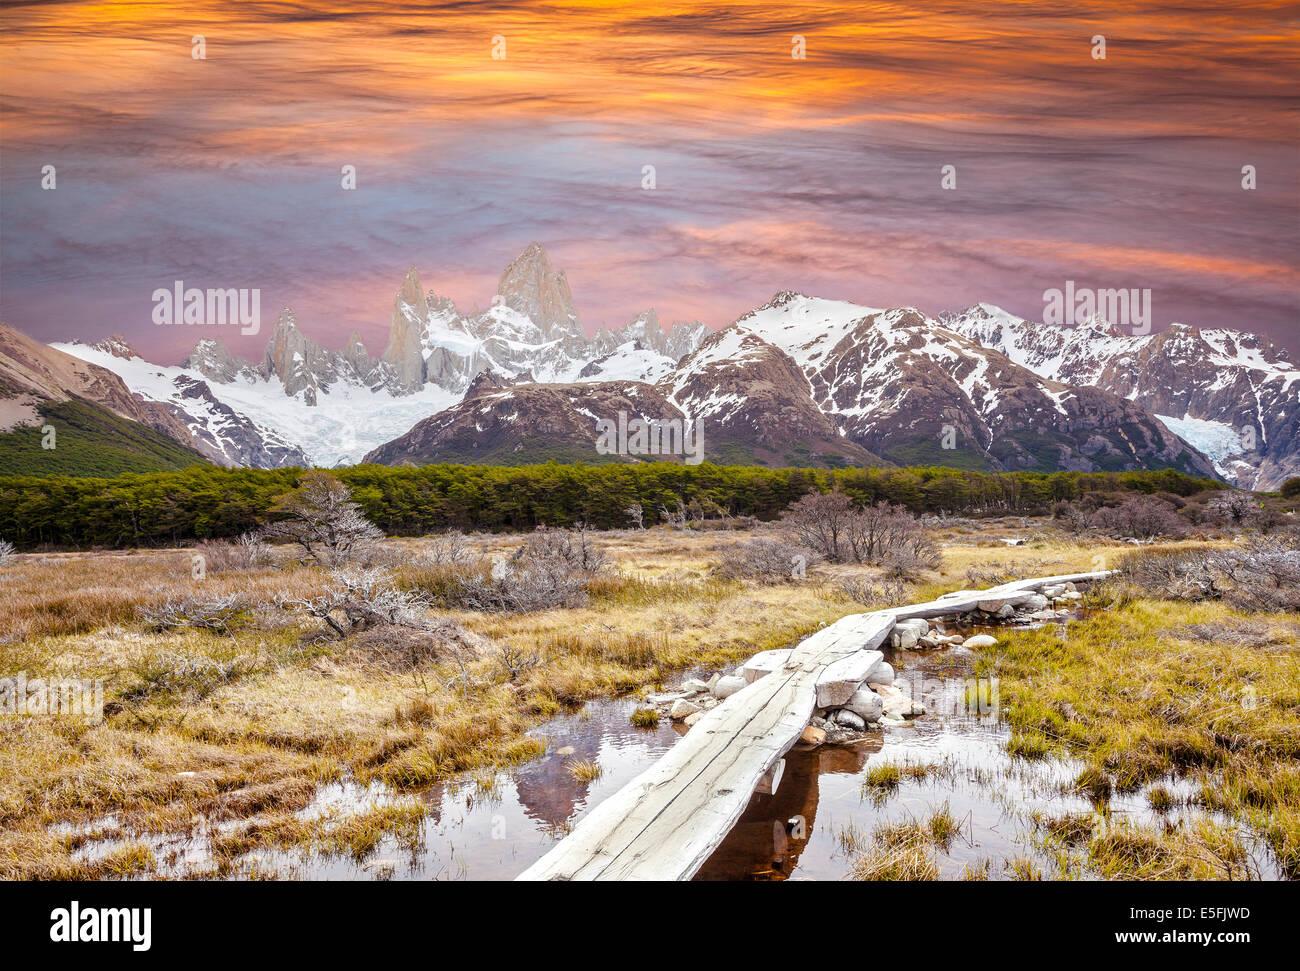 Fußgängerbrücke in Anden, Fitz Roy Bergkette, Patagonien, Argentinien Stockbild